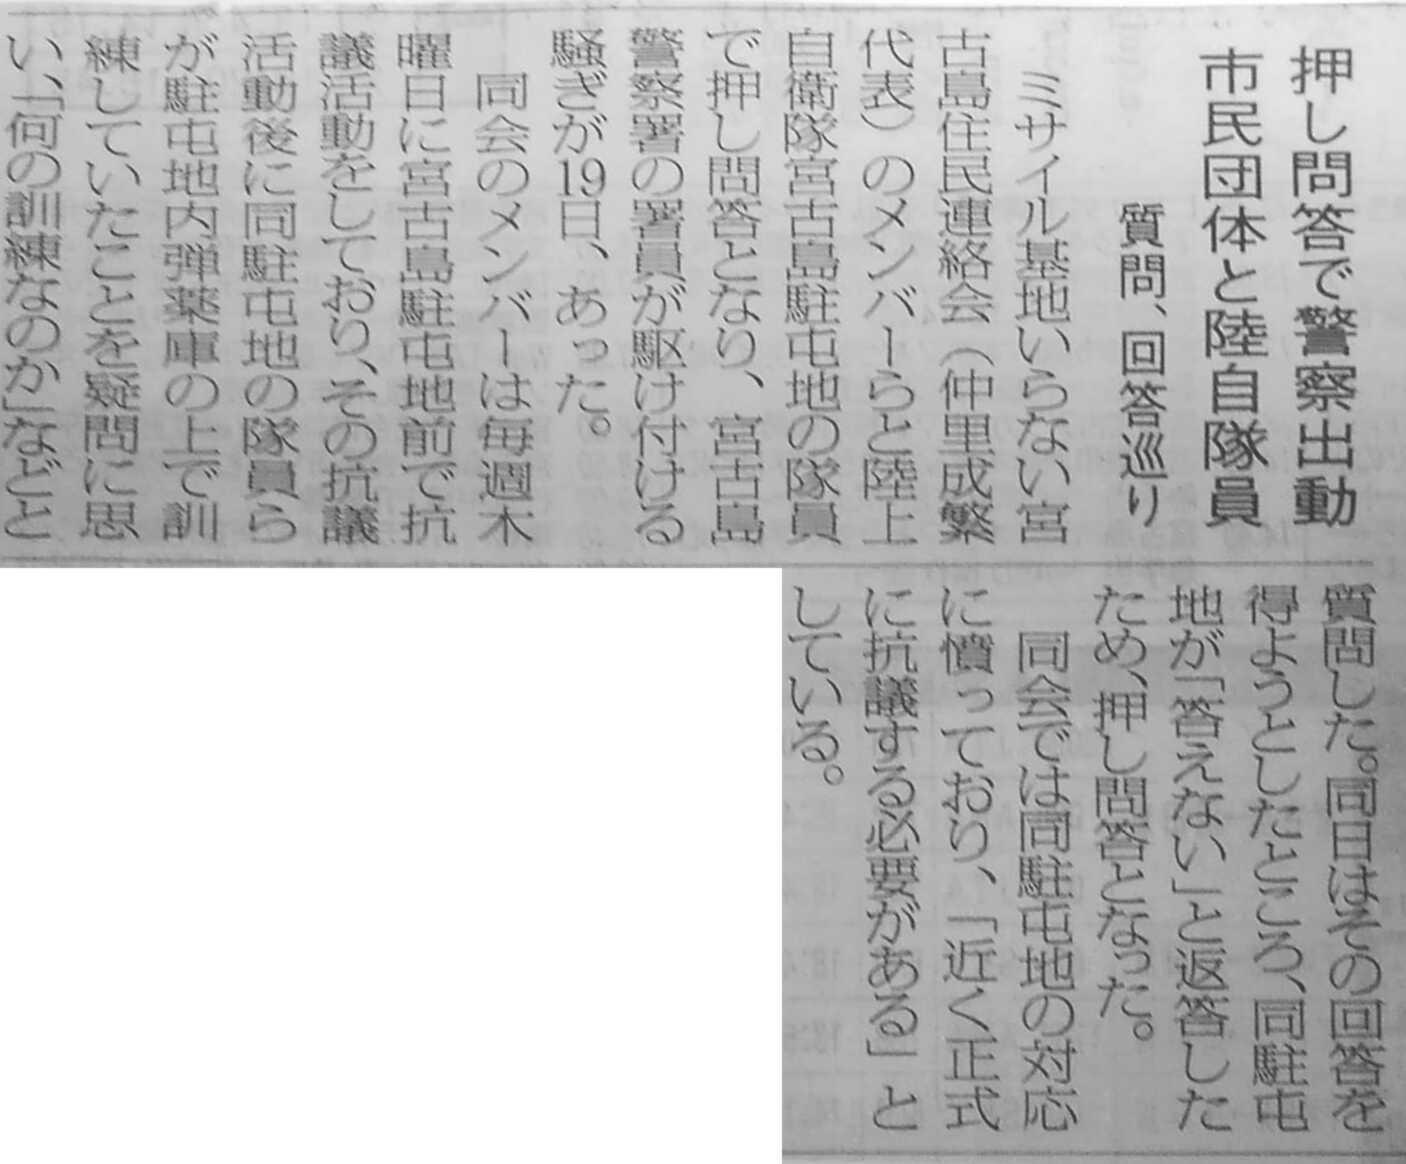 miyakomainichi2020 11211